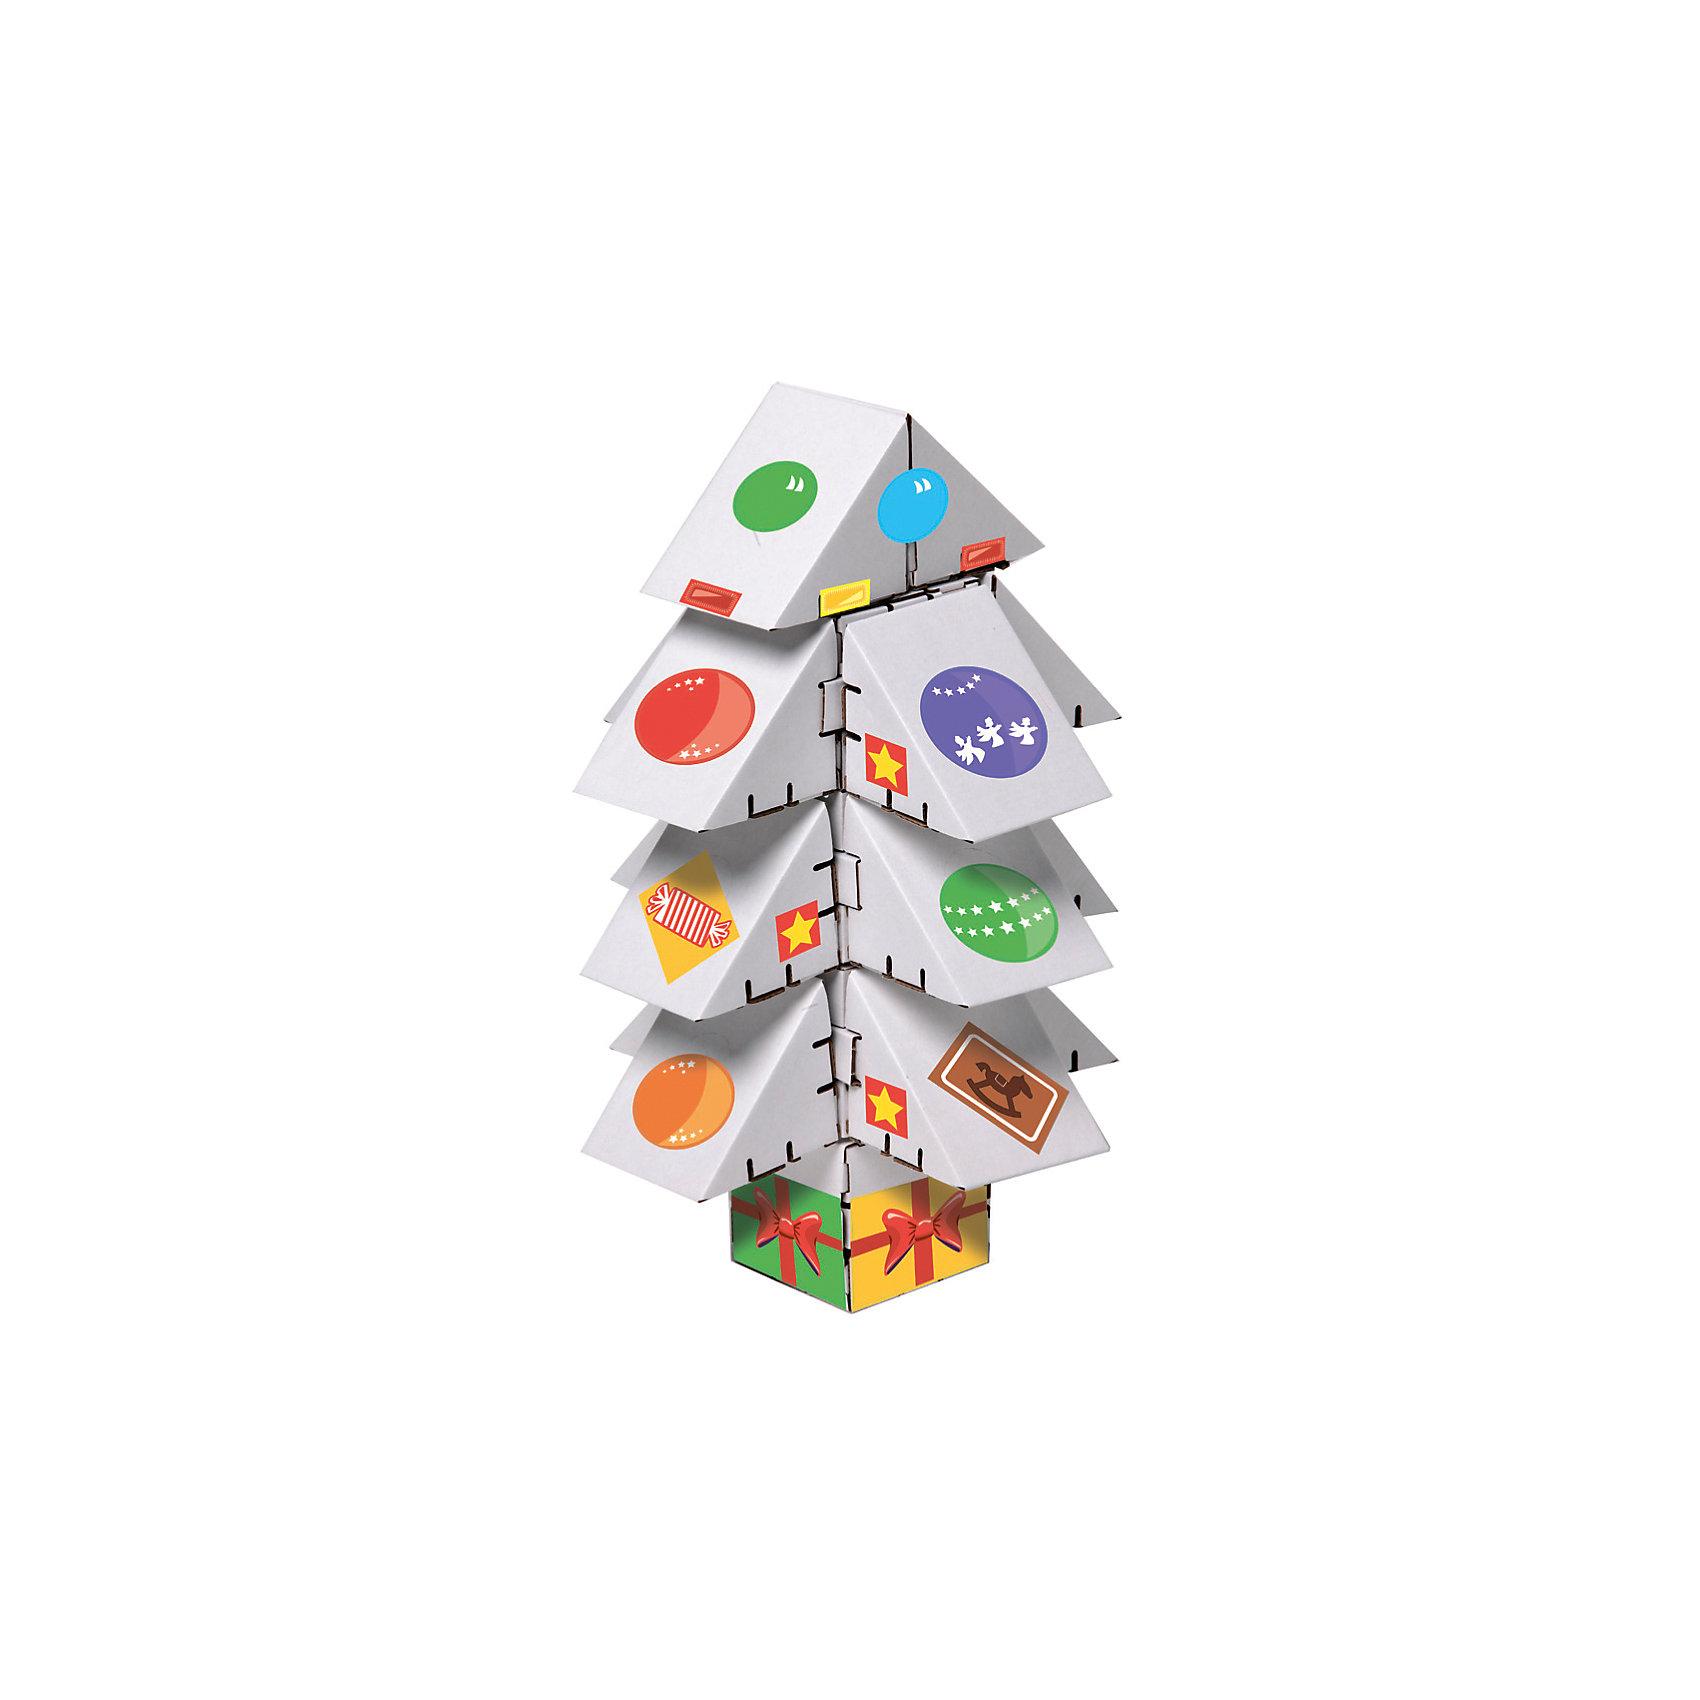 Картонный конструктор Ёлка мини белая, YohocubeБренды конструкторов<br>Картонный конструктор Ёлка мини белая, Yohocube (Йохокуб). <br><br>Характеристика:<br><br>• Материал: усиленный картон (1,5 мм). <br>• Размер упаковки: 37х31х5,5 см. <br>• Размер одного кубика: 8 см. <br>• 18 детали. <br>• Оригинальный дизайн. <br>• Развивает моторику рук, внимание, пространственное мышление и воображение. <br><br>Яркая оригинальная ёлочка, сделанная своими руками, обязательно понравится детям. Все детали набора выполнены из прочного экологичного картона, они надежно и легко крепятся друг к другу, не рассыпаются и не мнутся. Прекрасный подарок на любой праздник! <br>Конструирование - отличный вид творческой деятельности, в процессе которого развивается внимание, моторика рук, пространственное мышление и воображение. <br><br>Картонный конструктор Ёлка мини белая, Yohocube (Йохокуб) можно купить в нашем интернет-магазине.<br><br>Ширина мм: 370<br>Глубина мм: 310<br>Высота мм: 55<br>Вес г: 580<br>Возраст от месяцев: 72<br>Возраст до месяцев: 144<br>Пол: Унисекс<br>Возраст: Детский<br>SKU: 5154043